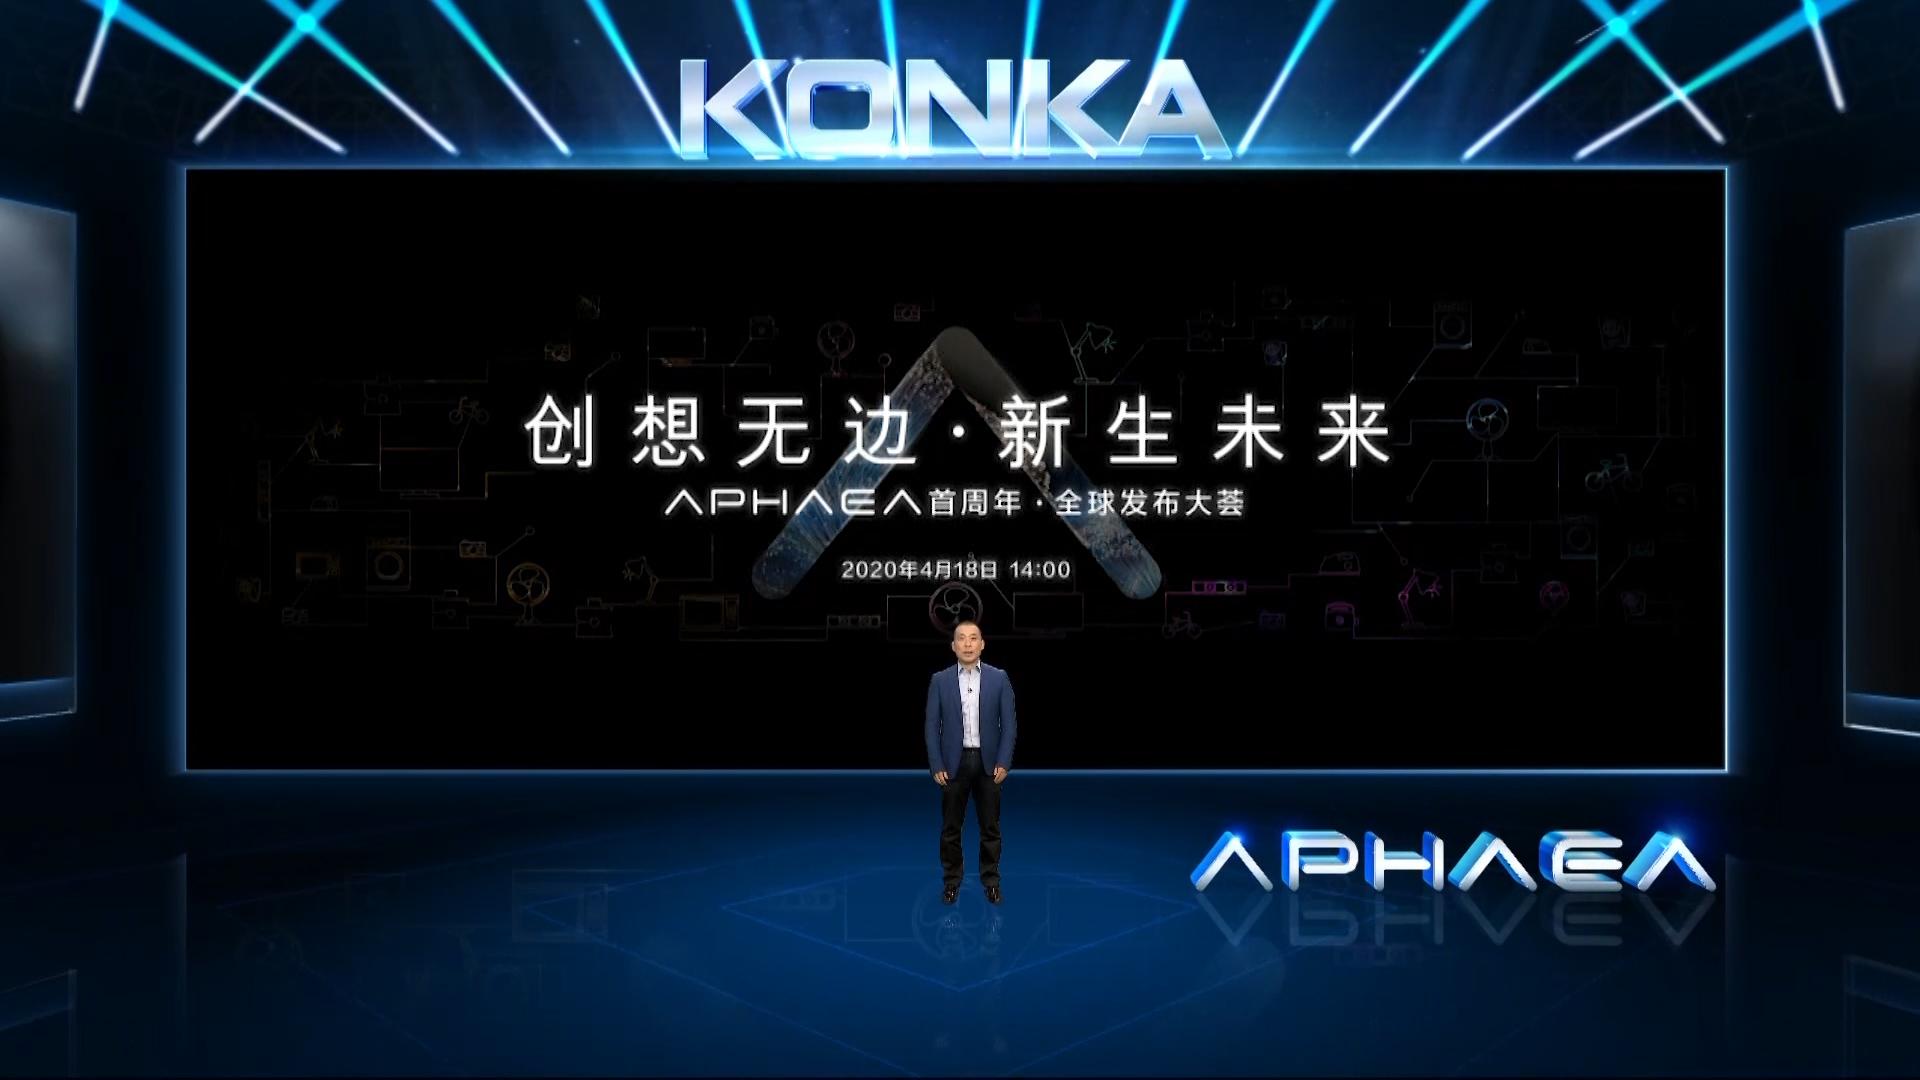 APHAEA首周年发布大荟震撼开启,以极致视听表现诠释未来科技之美